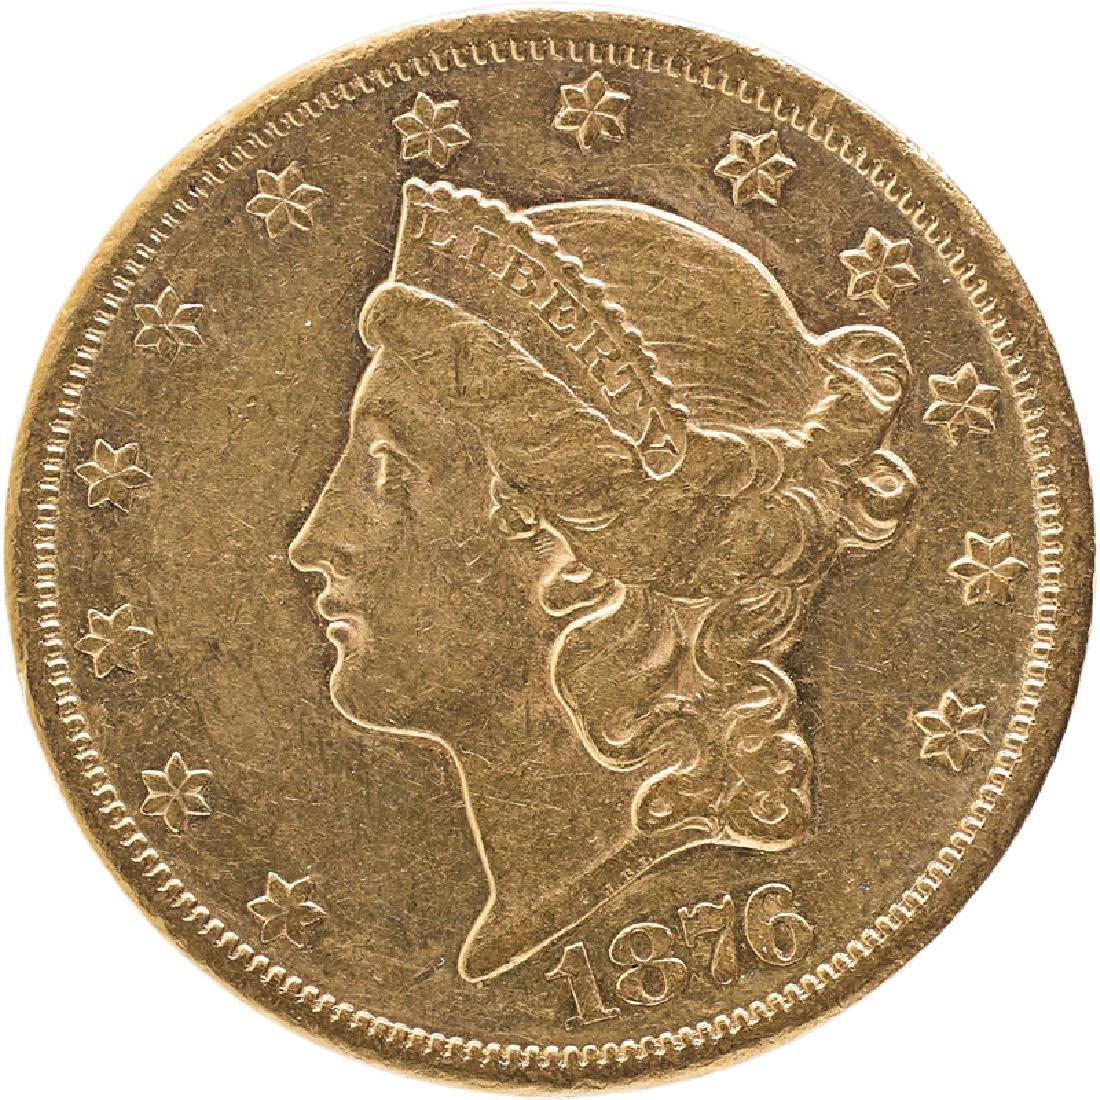 U.S. 1876-CC LIBERTY $20 GOLD COIN